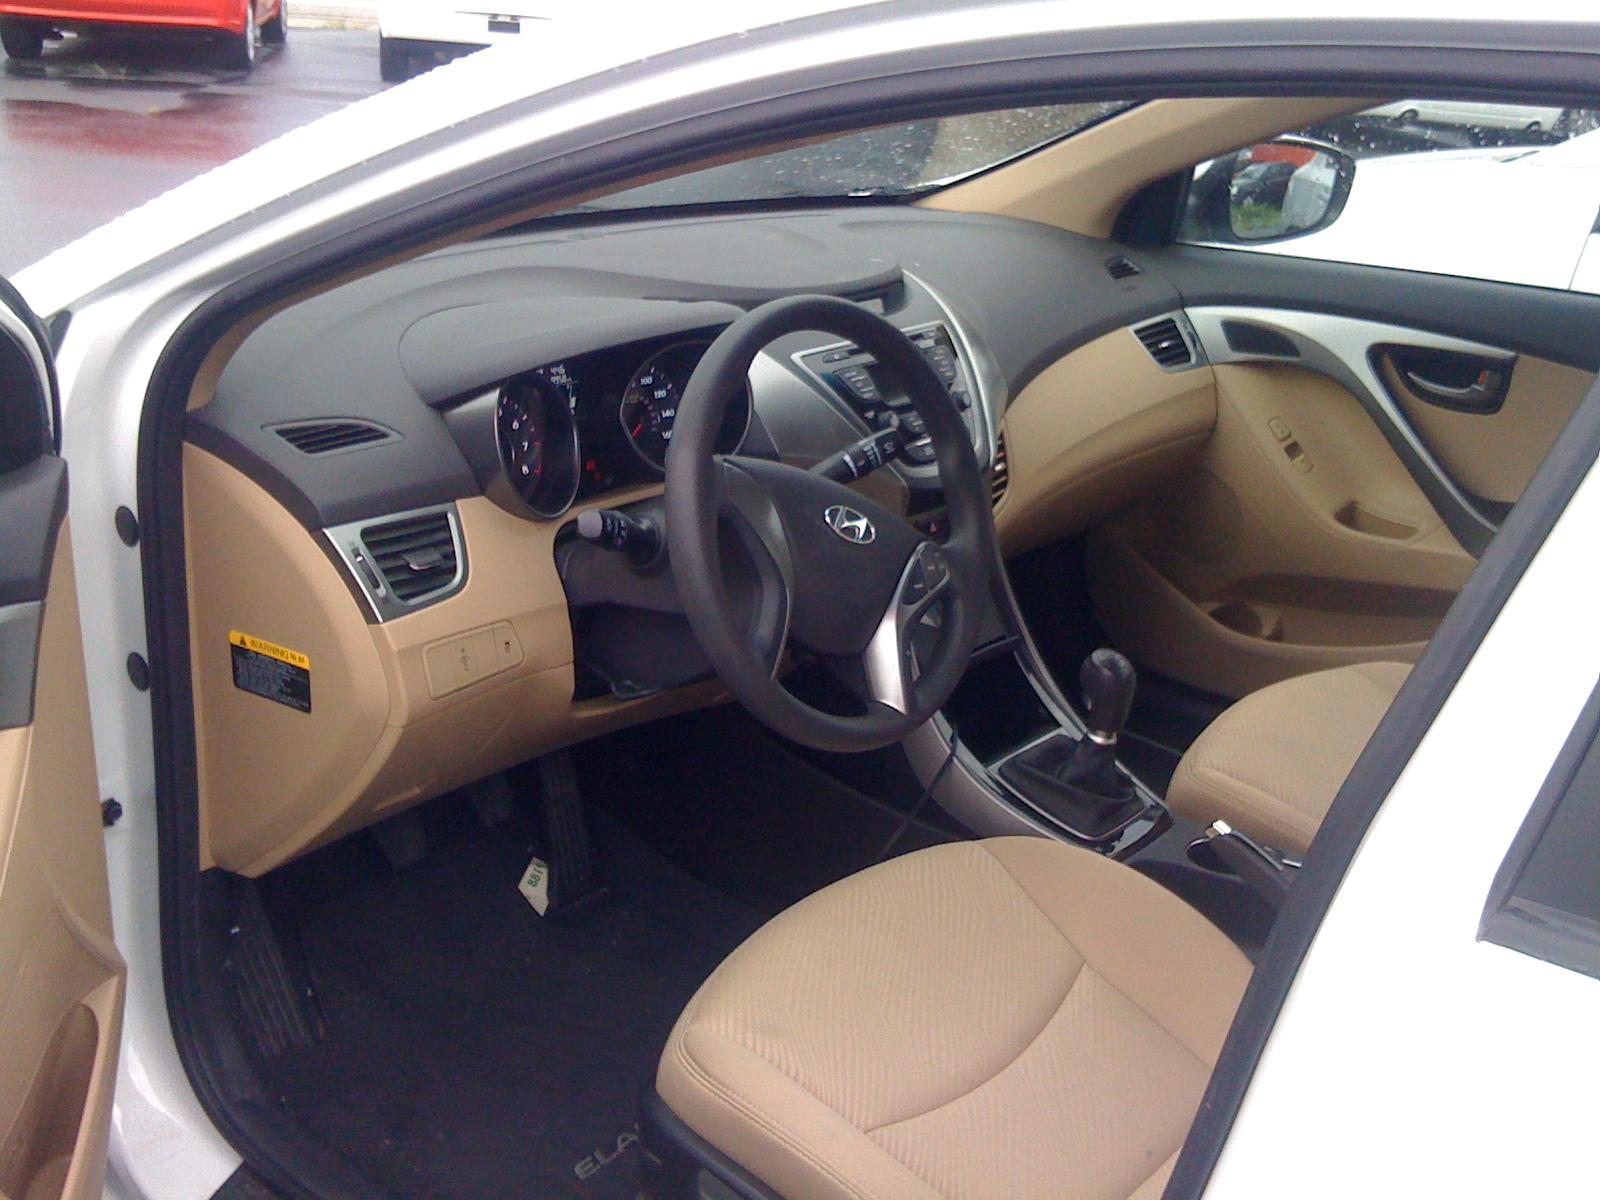 2013 Hyundai Elantra Interior Pictures Cargurus